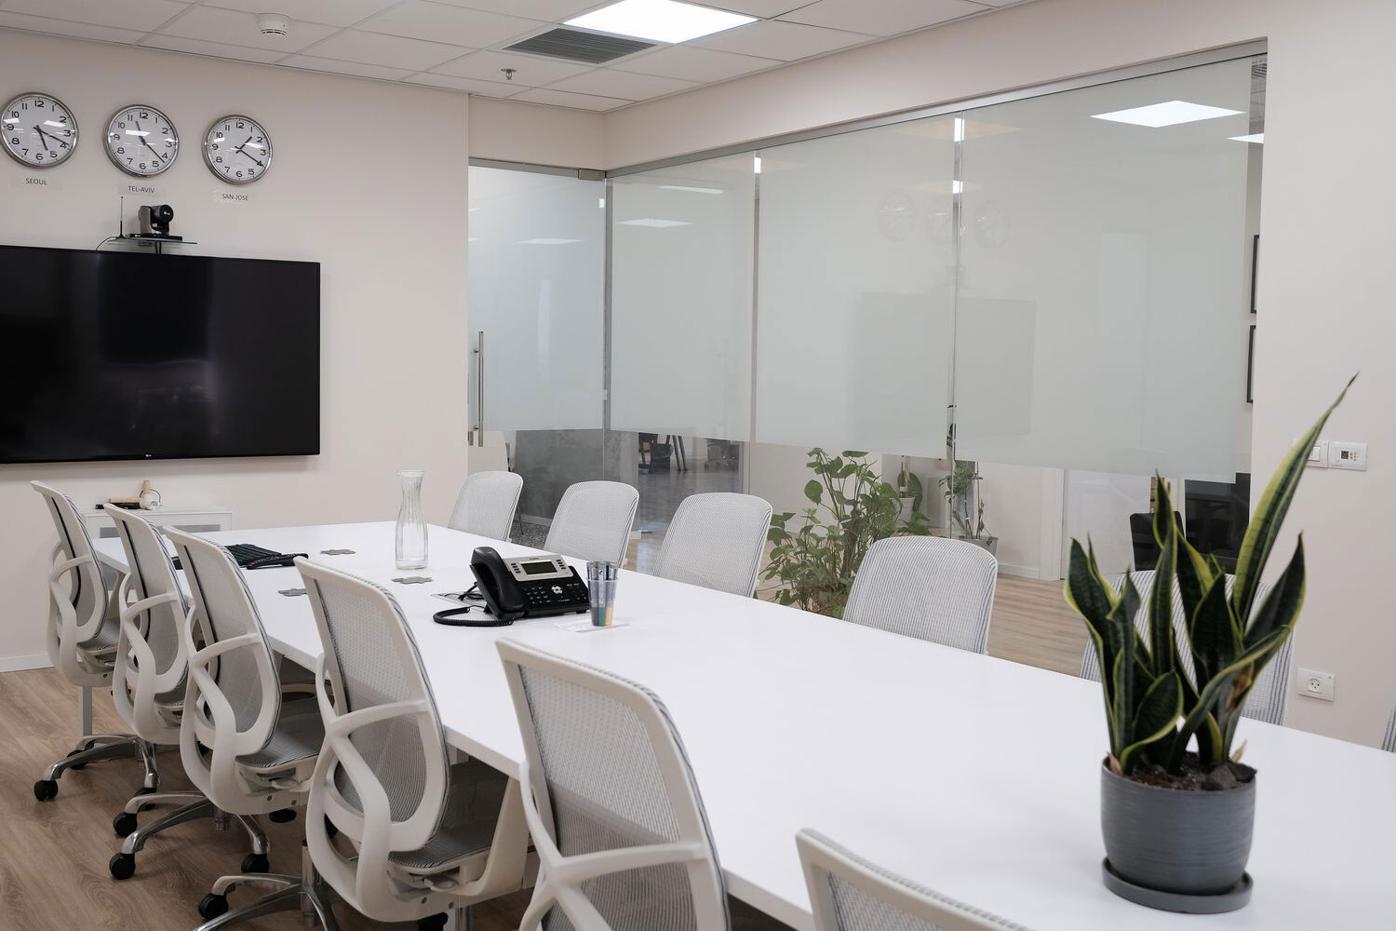 Vela Smart Film for Offices